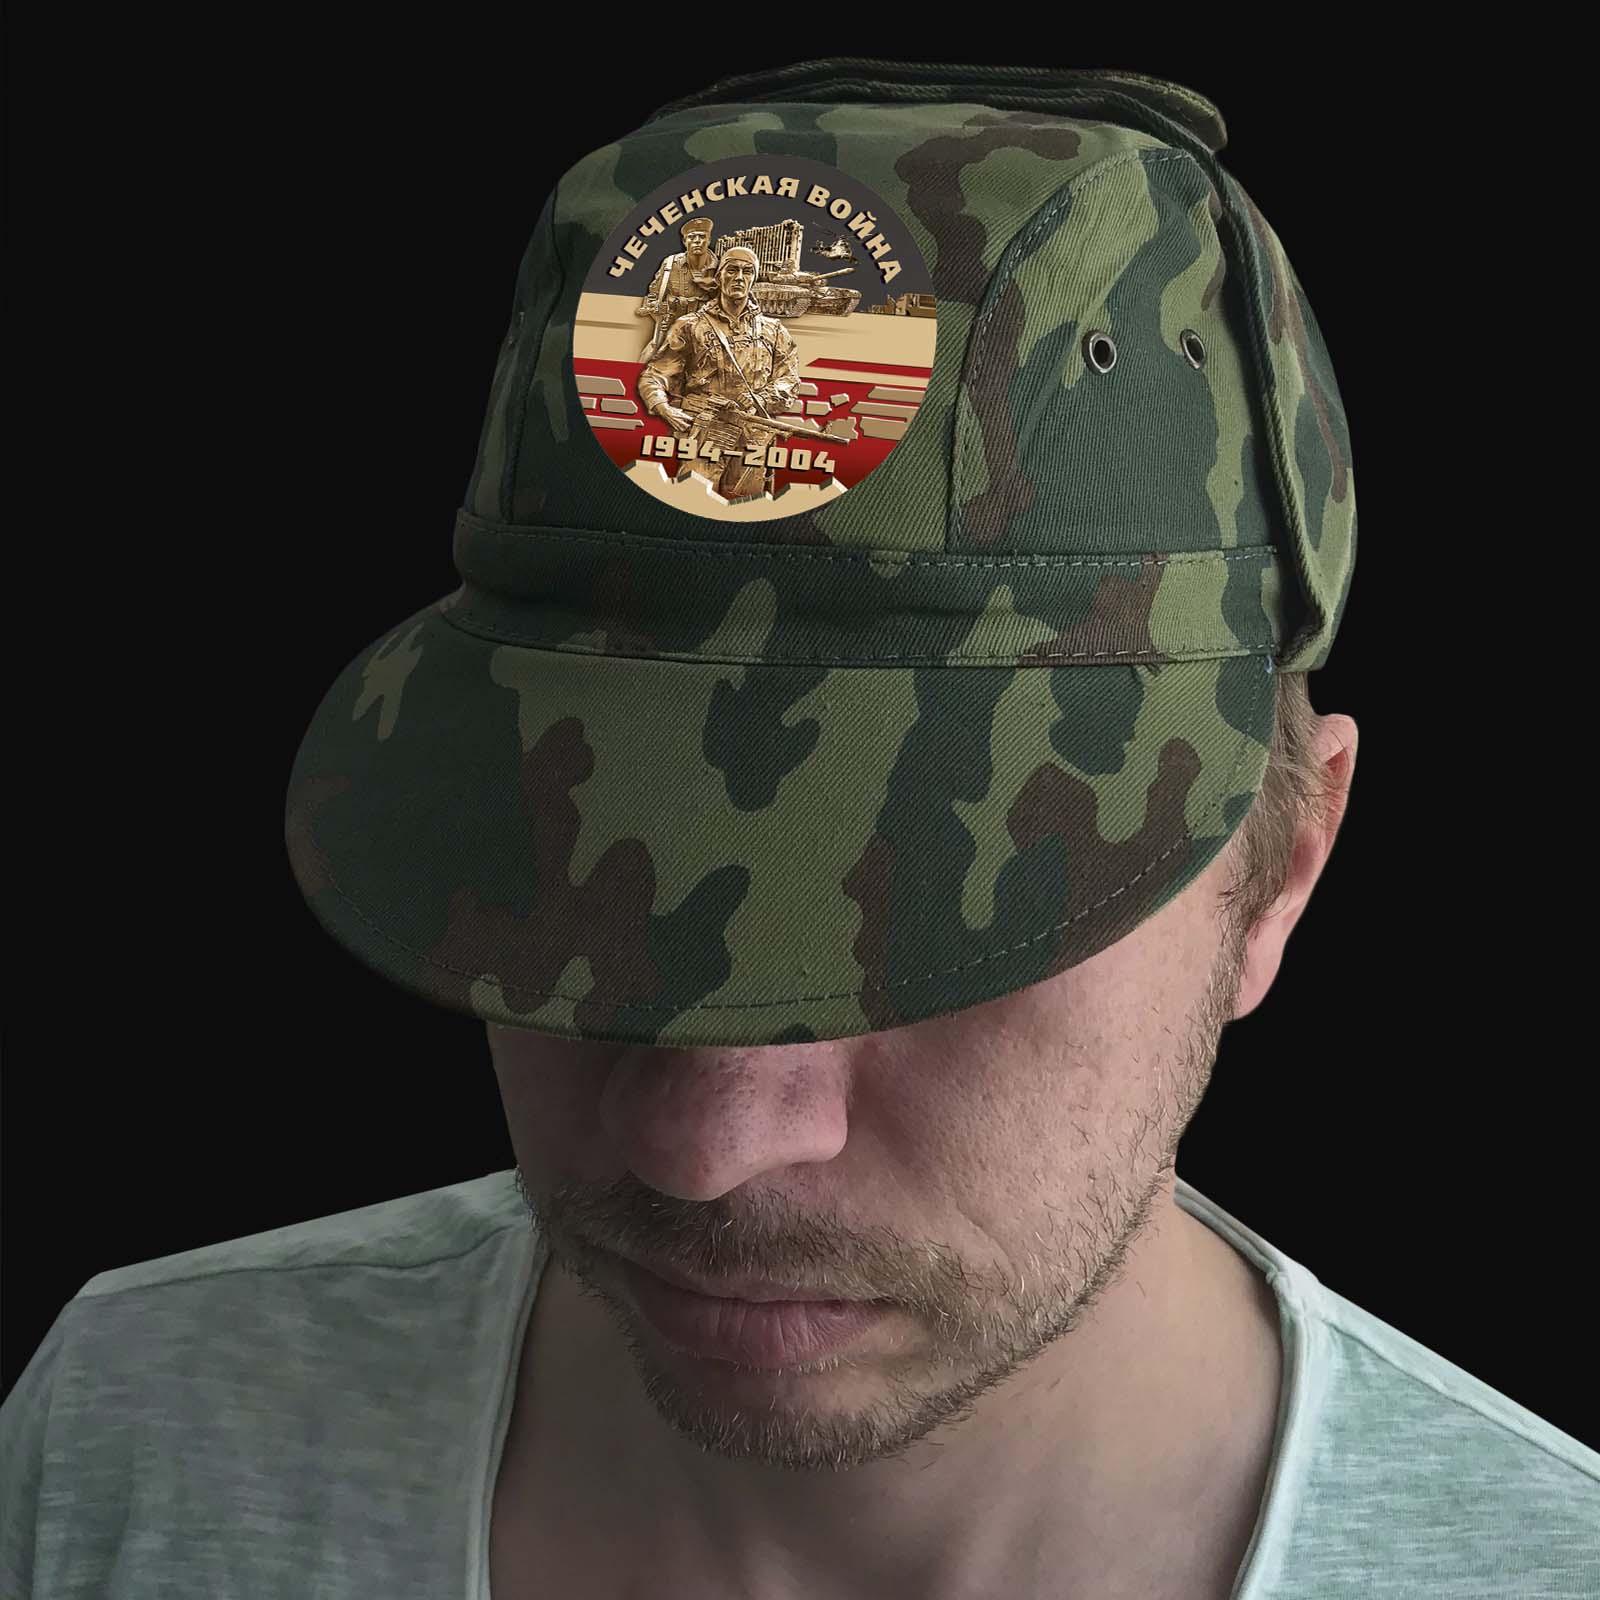 Военная кепка Чеченская война 1994-2004